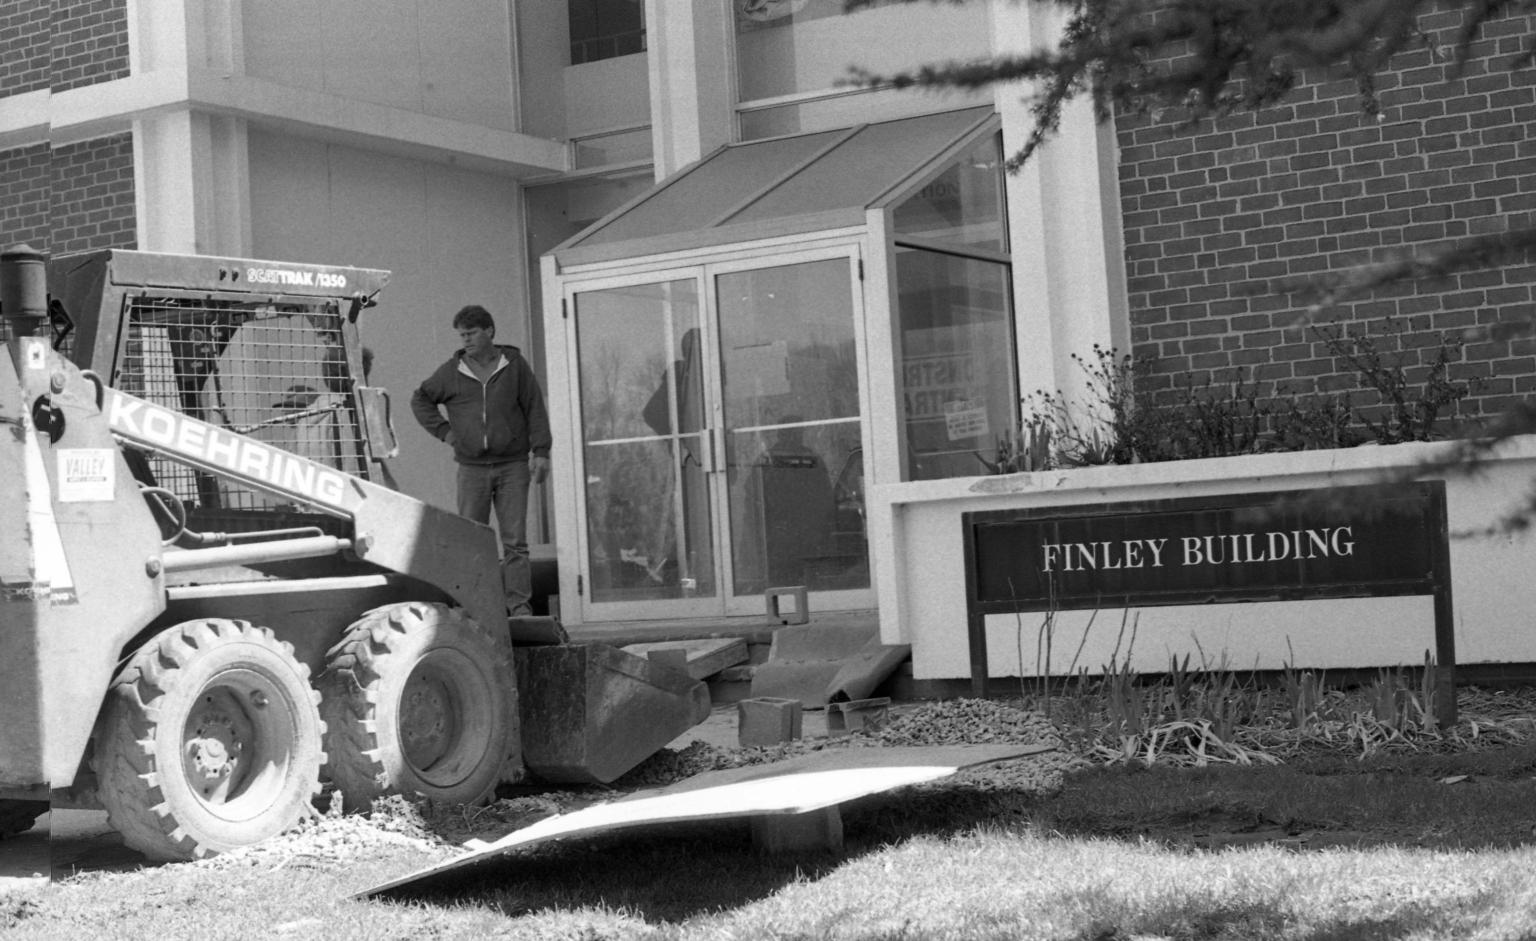 Finley Building 3